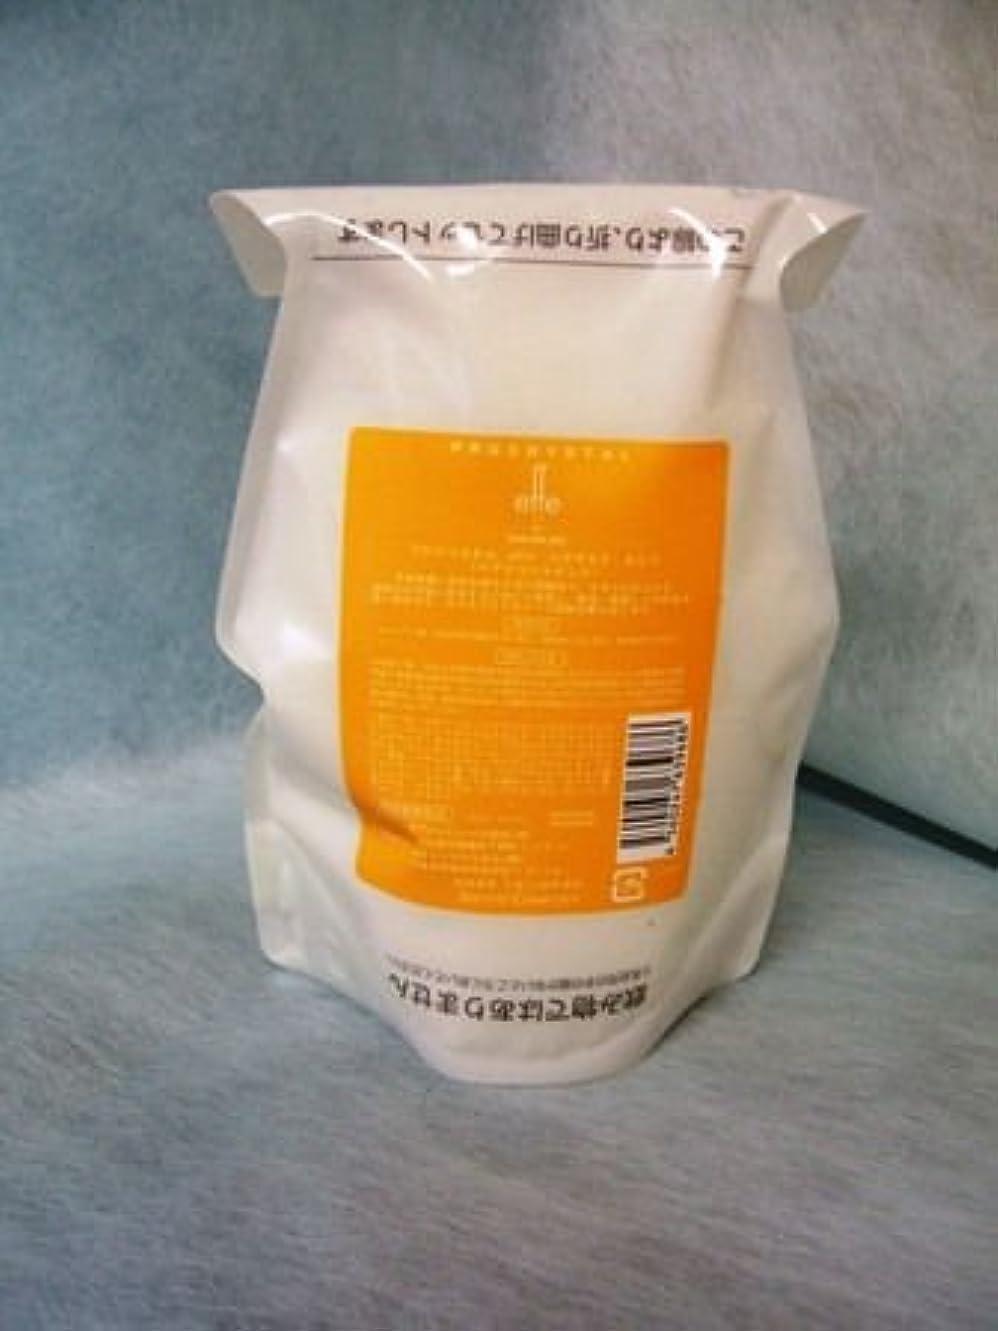 センブランス提供された髄アペティート化粧品 プロクリスタル effe (エフ) ヘアマスク さらり500g(レフィル)